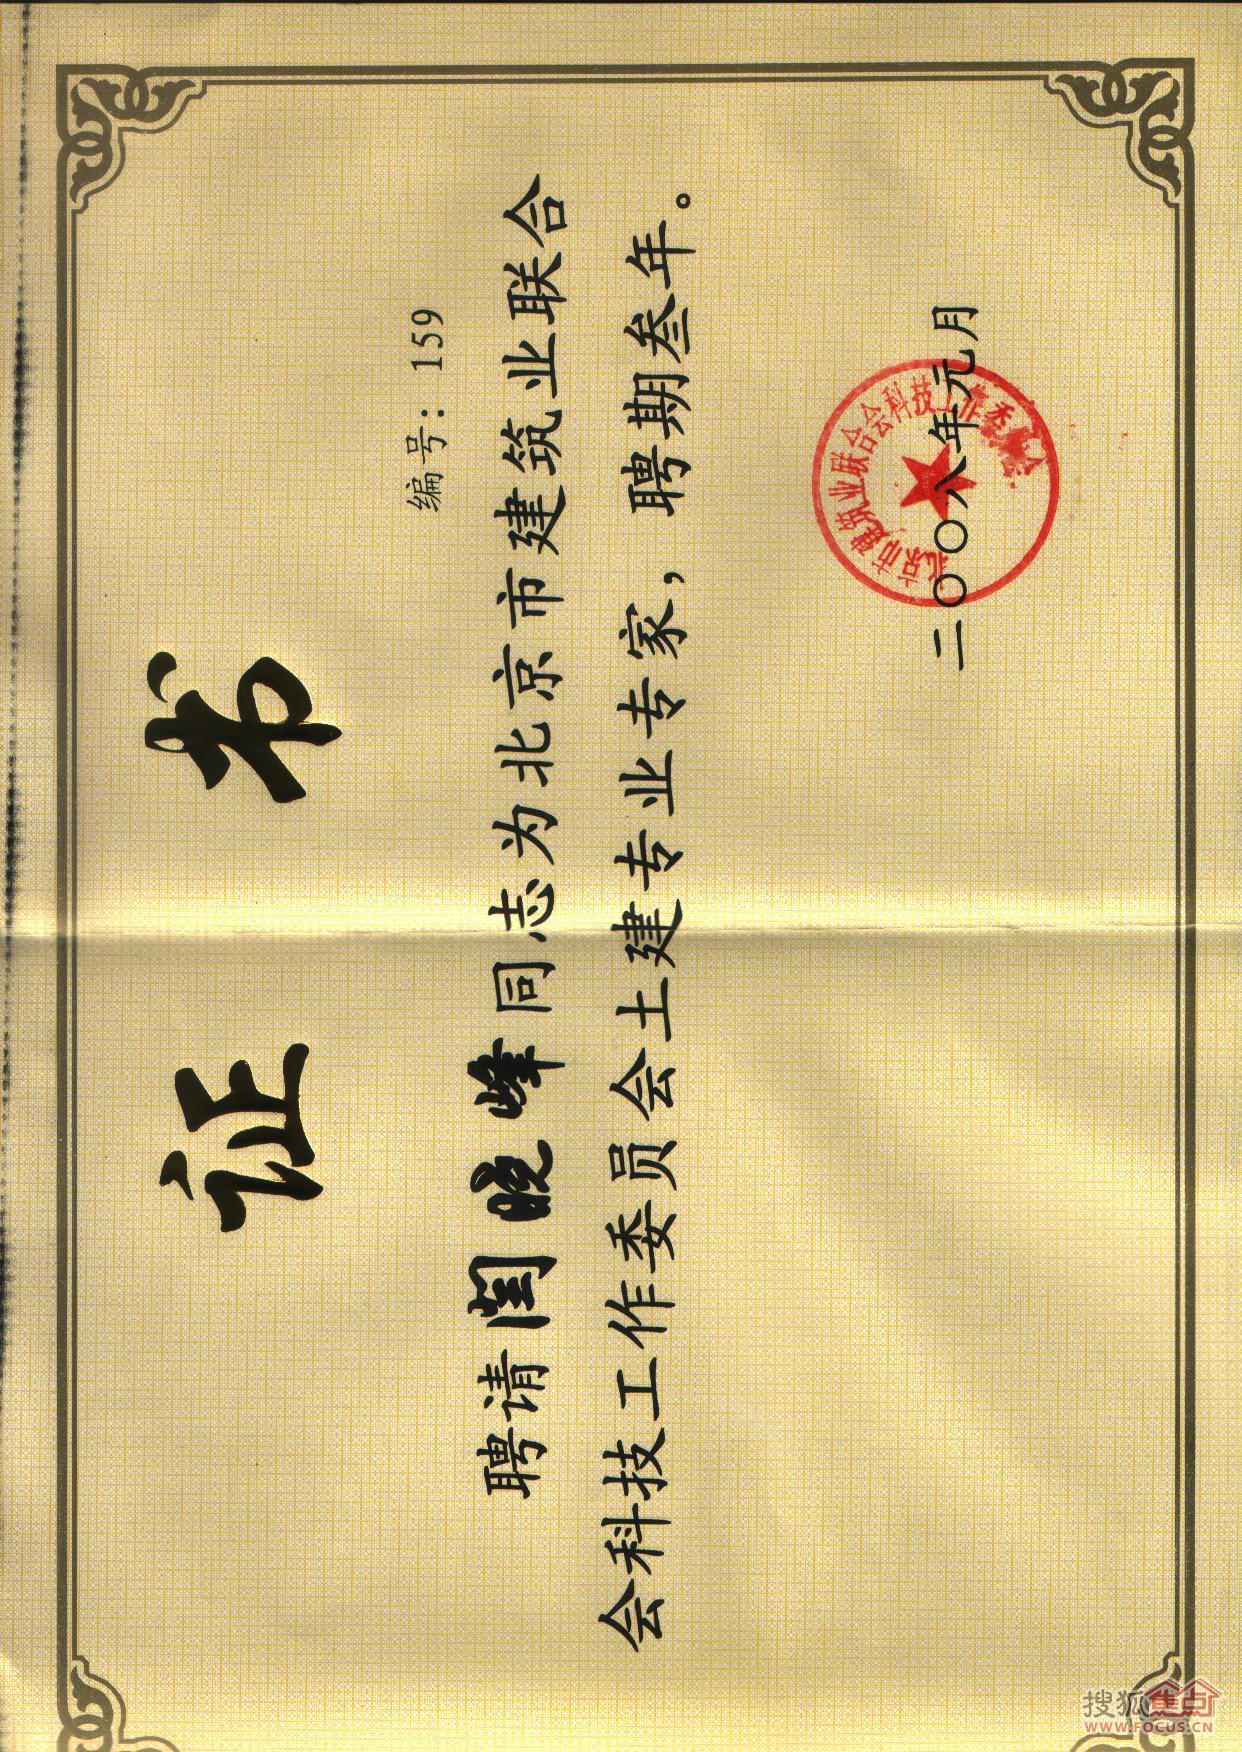 还有北京市建筑施工专家委员会专家